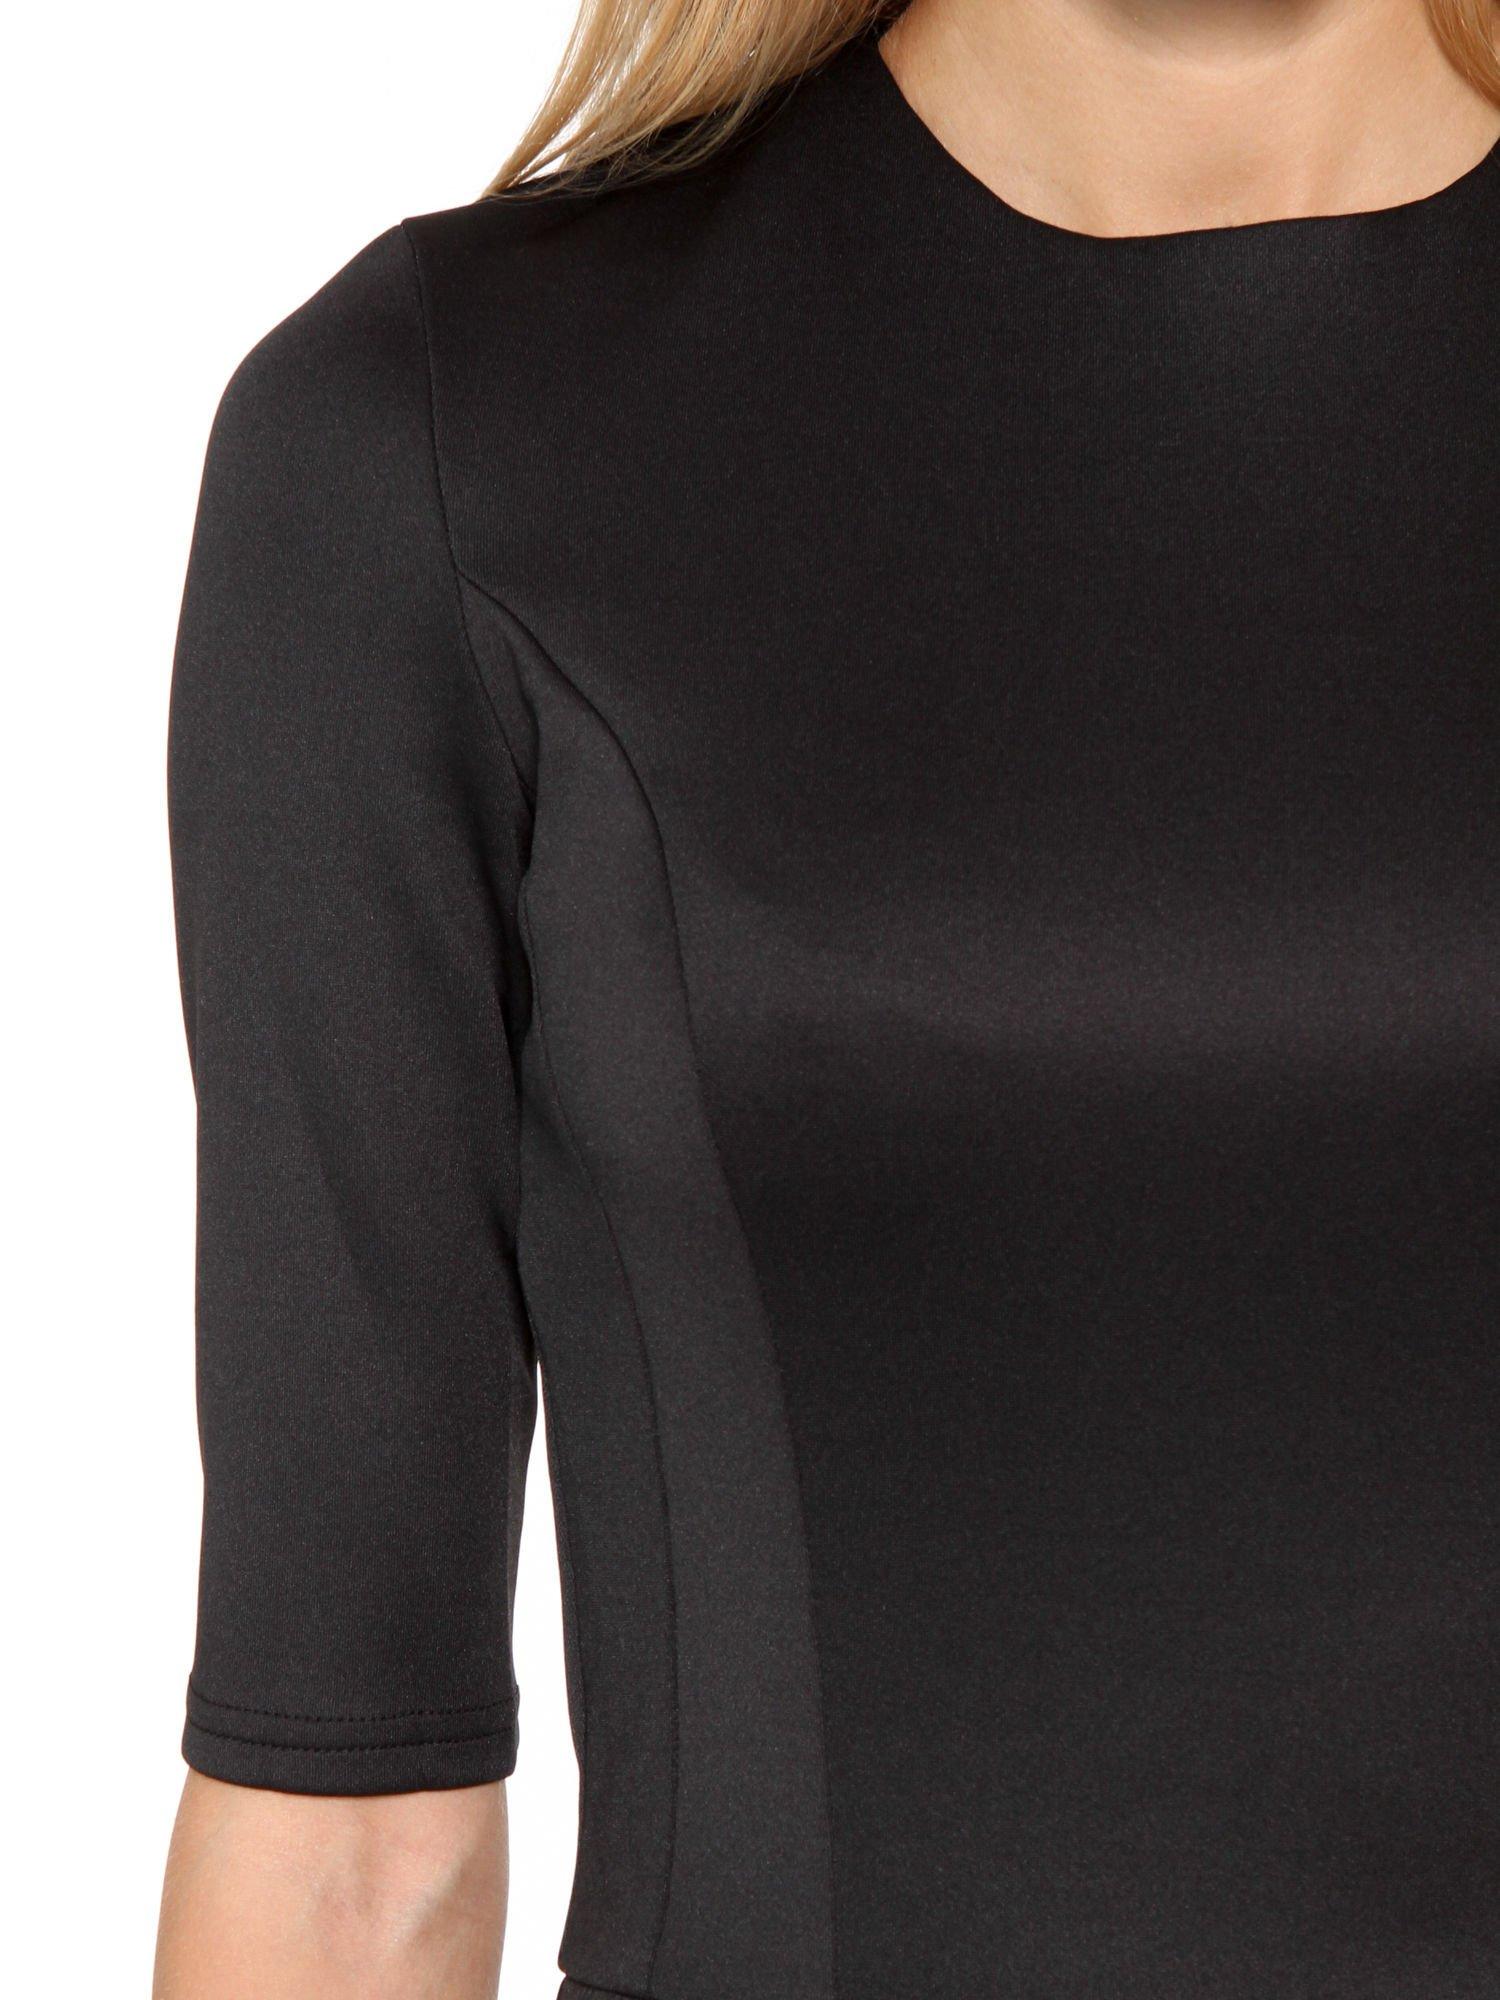 Czarna klasyczna sukienka z rozkloszowanym dołem w pikowany wzór                                  zdj.                                  6